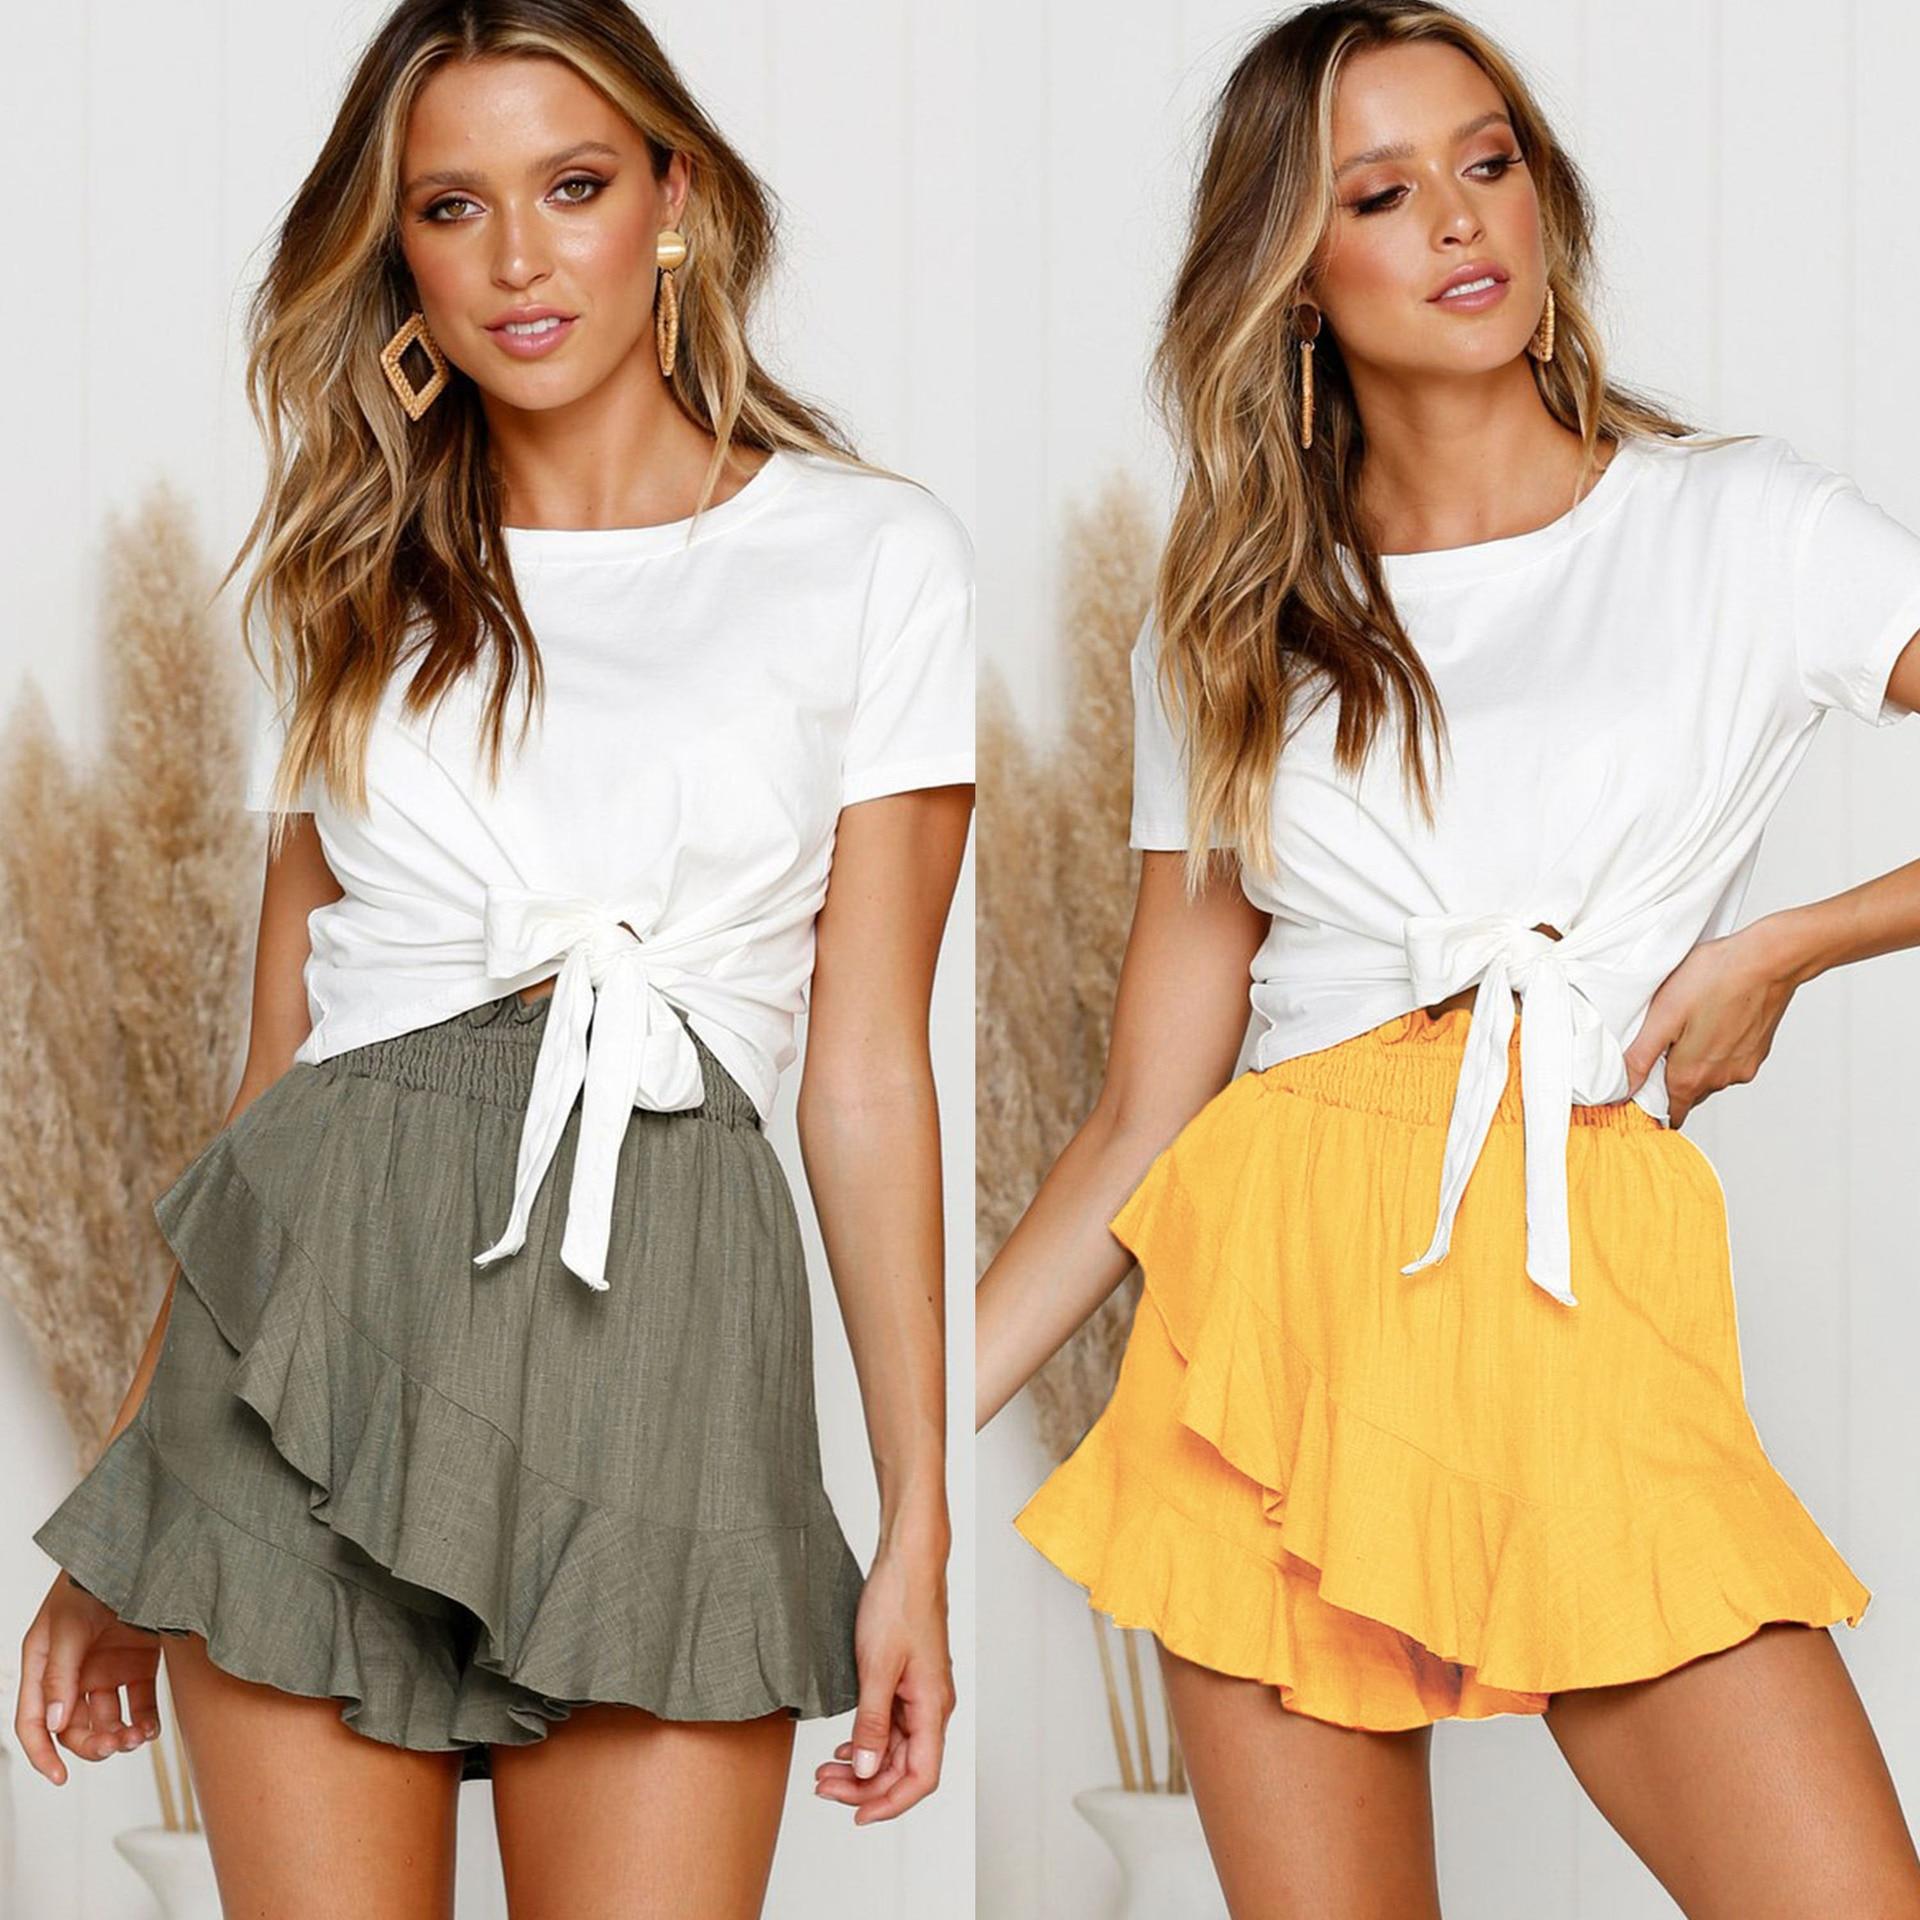 2019 Fashion Wide Leg Short Pants Women Summer Green Yellow Ruffled  Elastic Waist Women Shorts Sexy Shorts